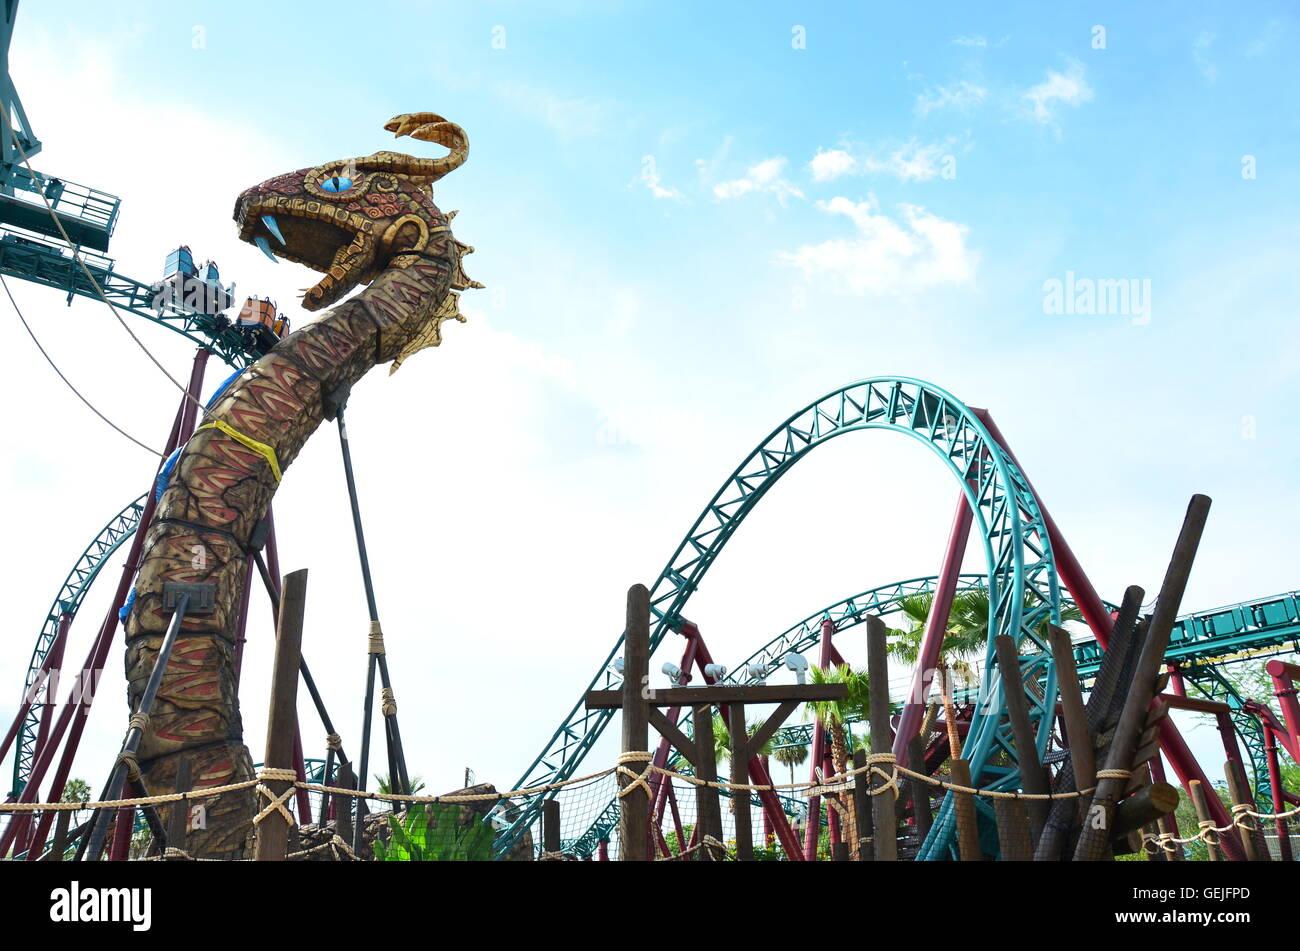 Cobra 39 S Curse Spin Coaster At Busch Gardens Tampa Florida